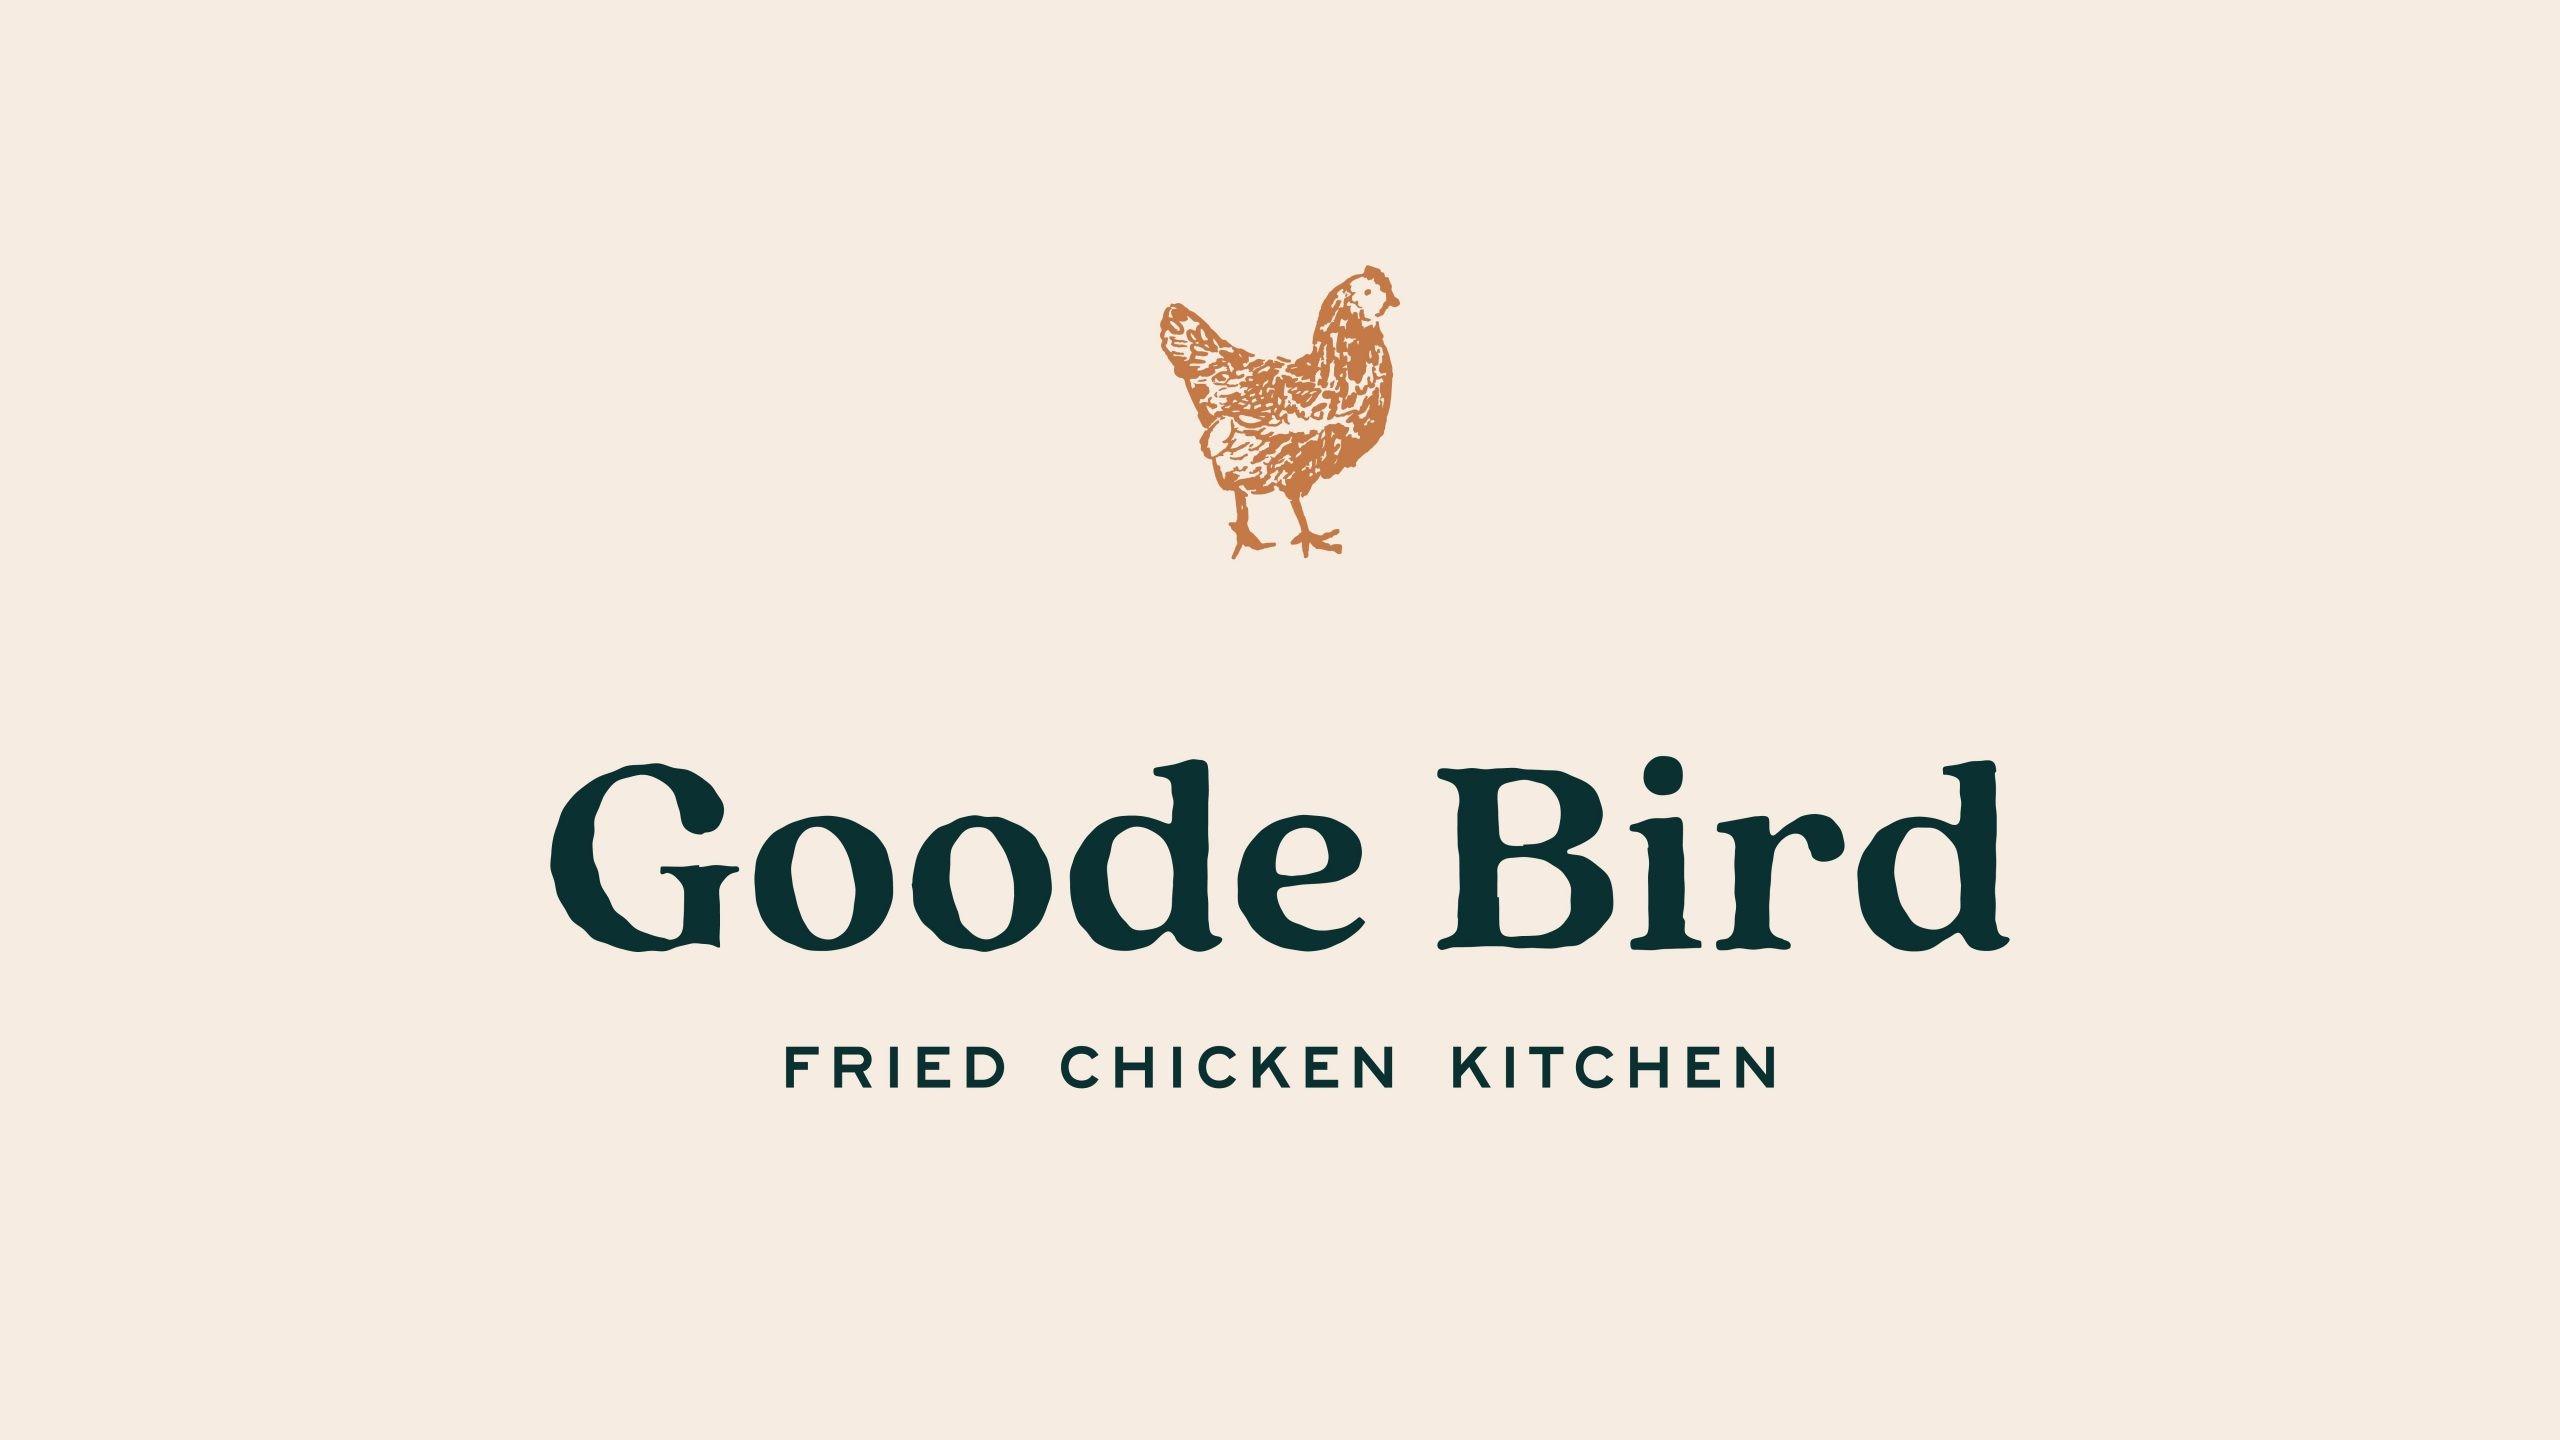 Goode Bird logo